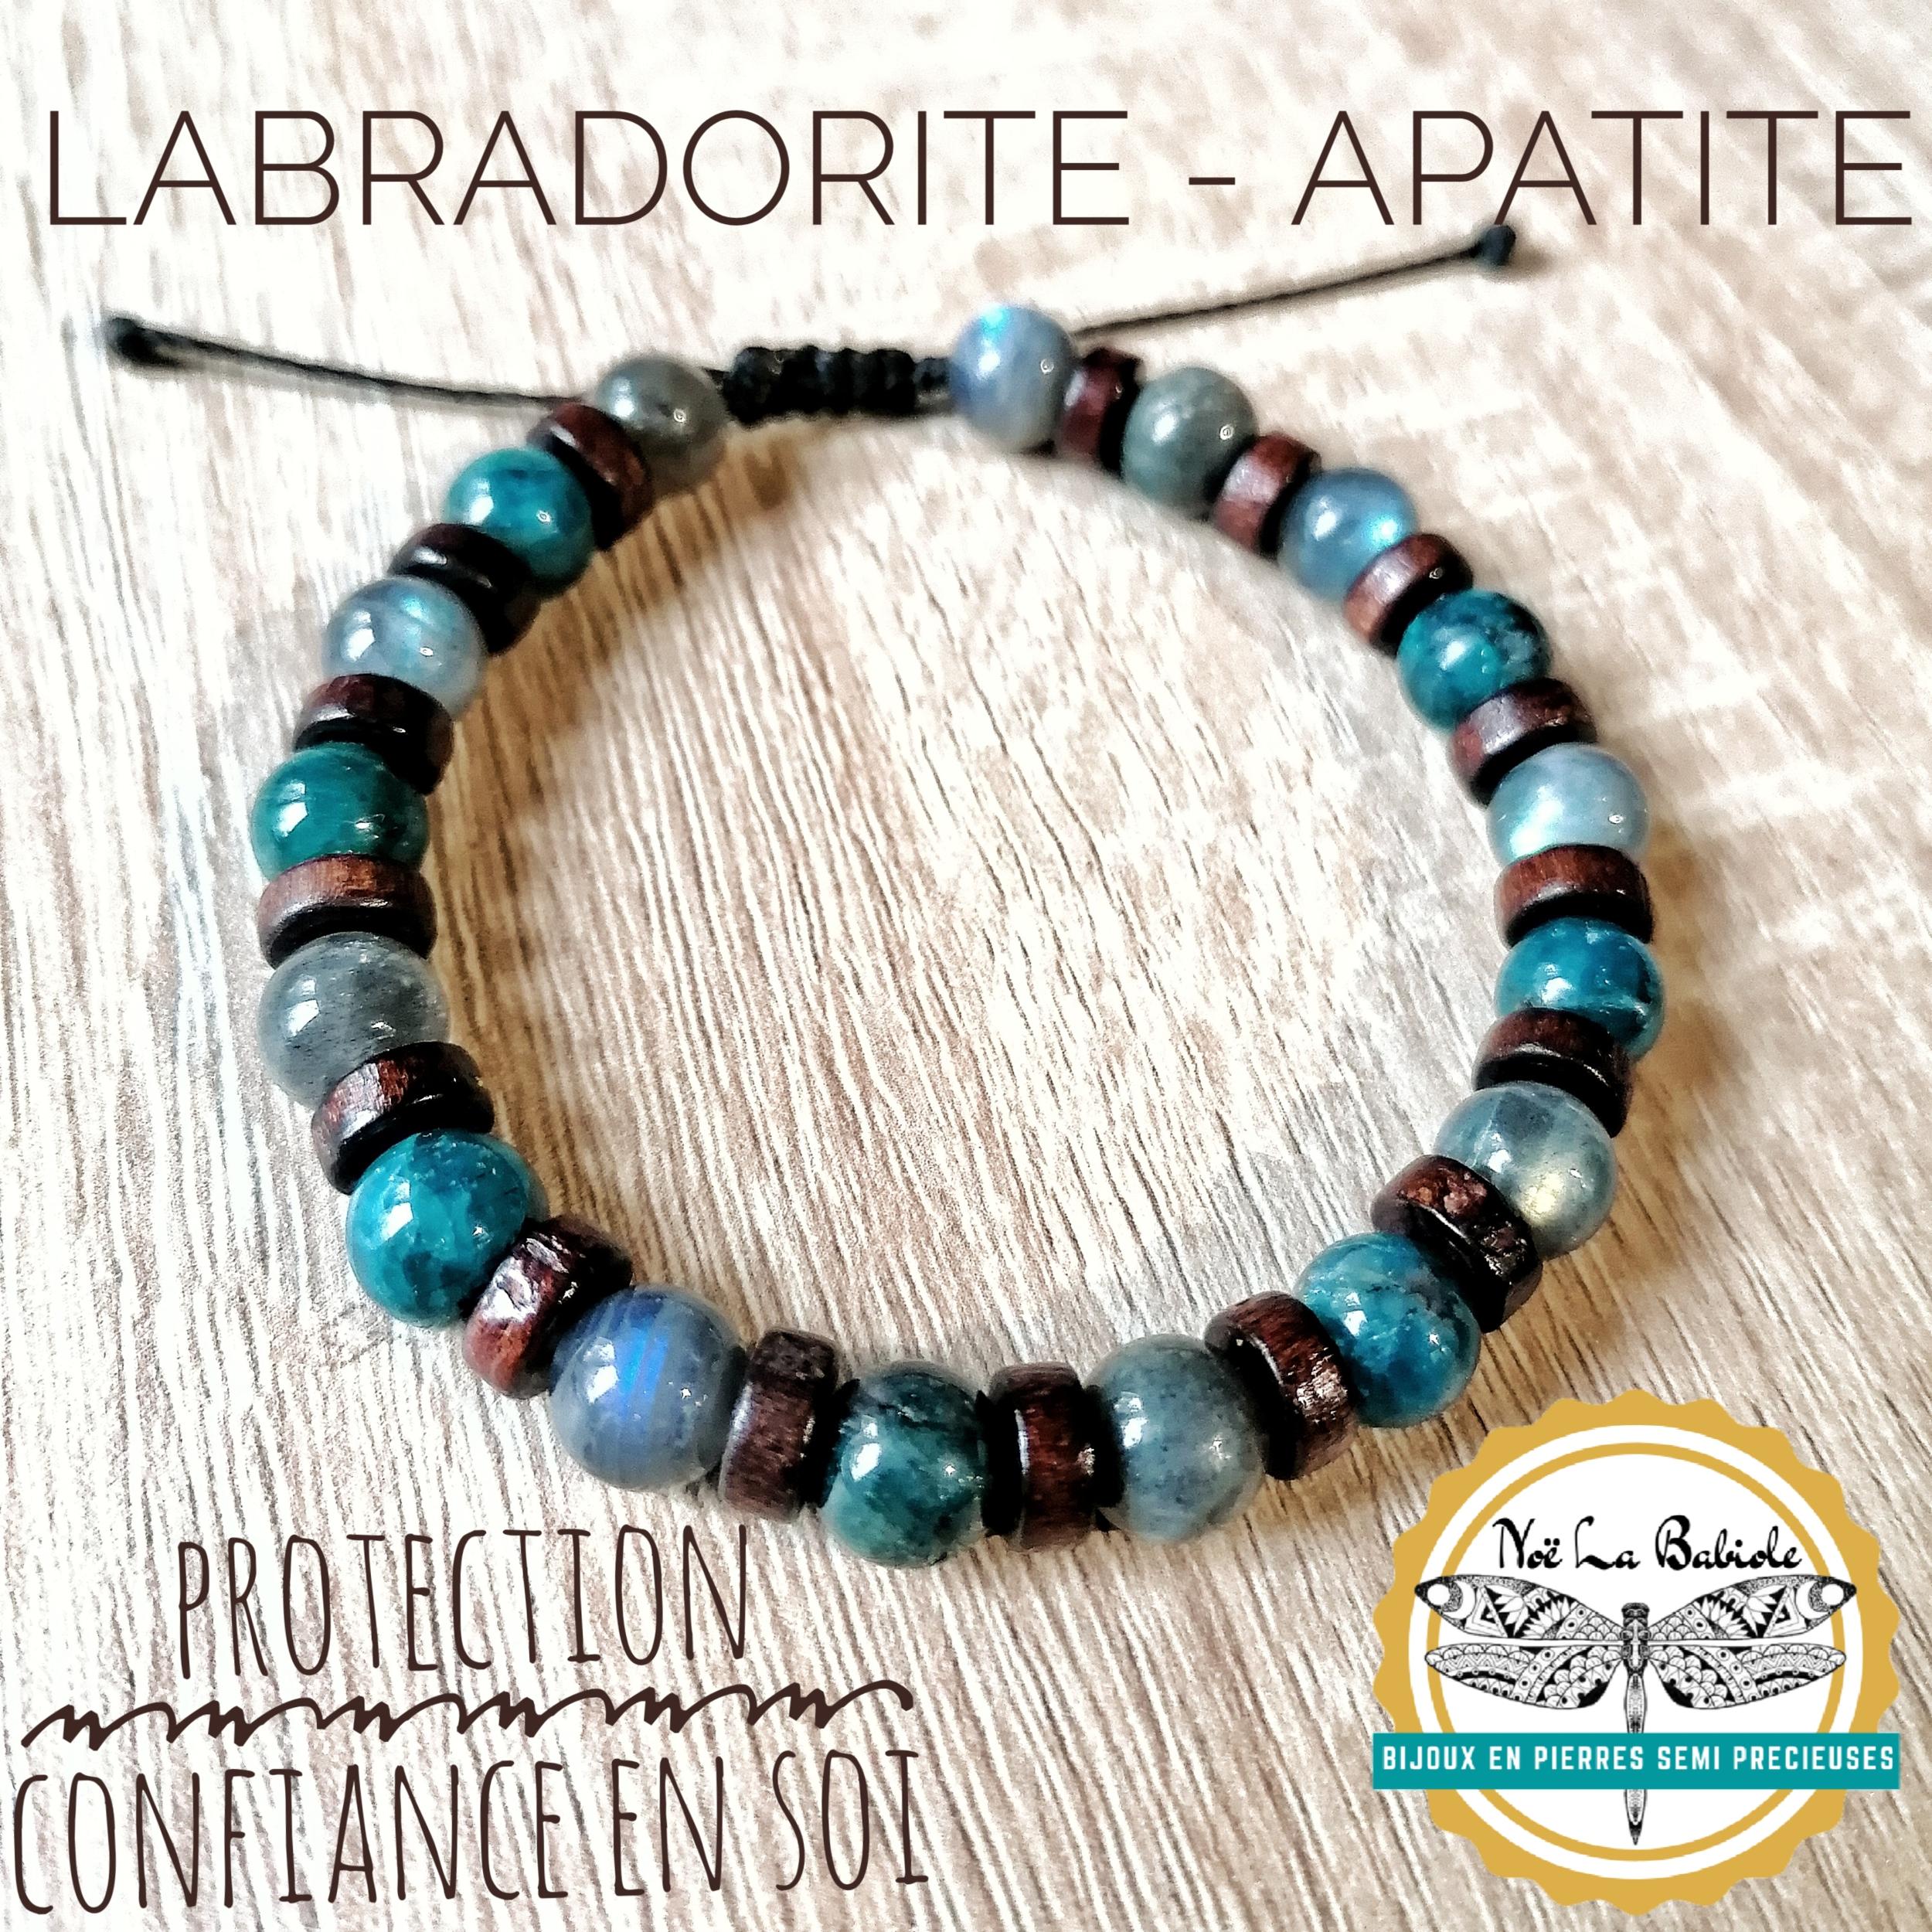 Bracelet Protection & Confiance en soi en Labradorite et Apatite